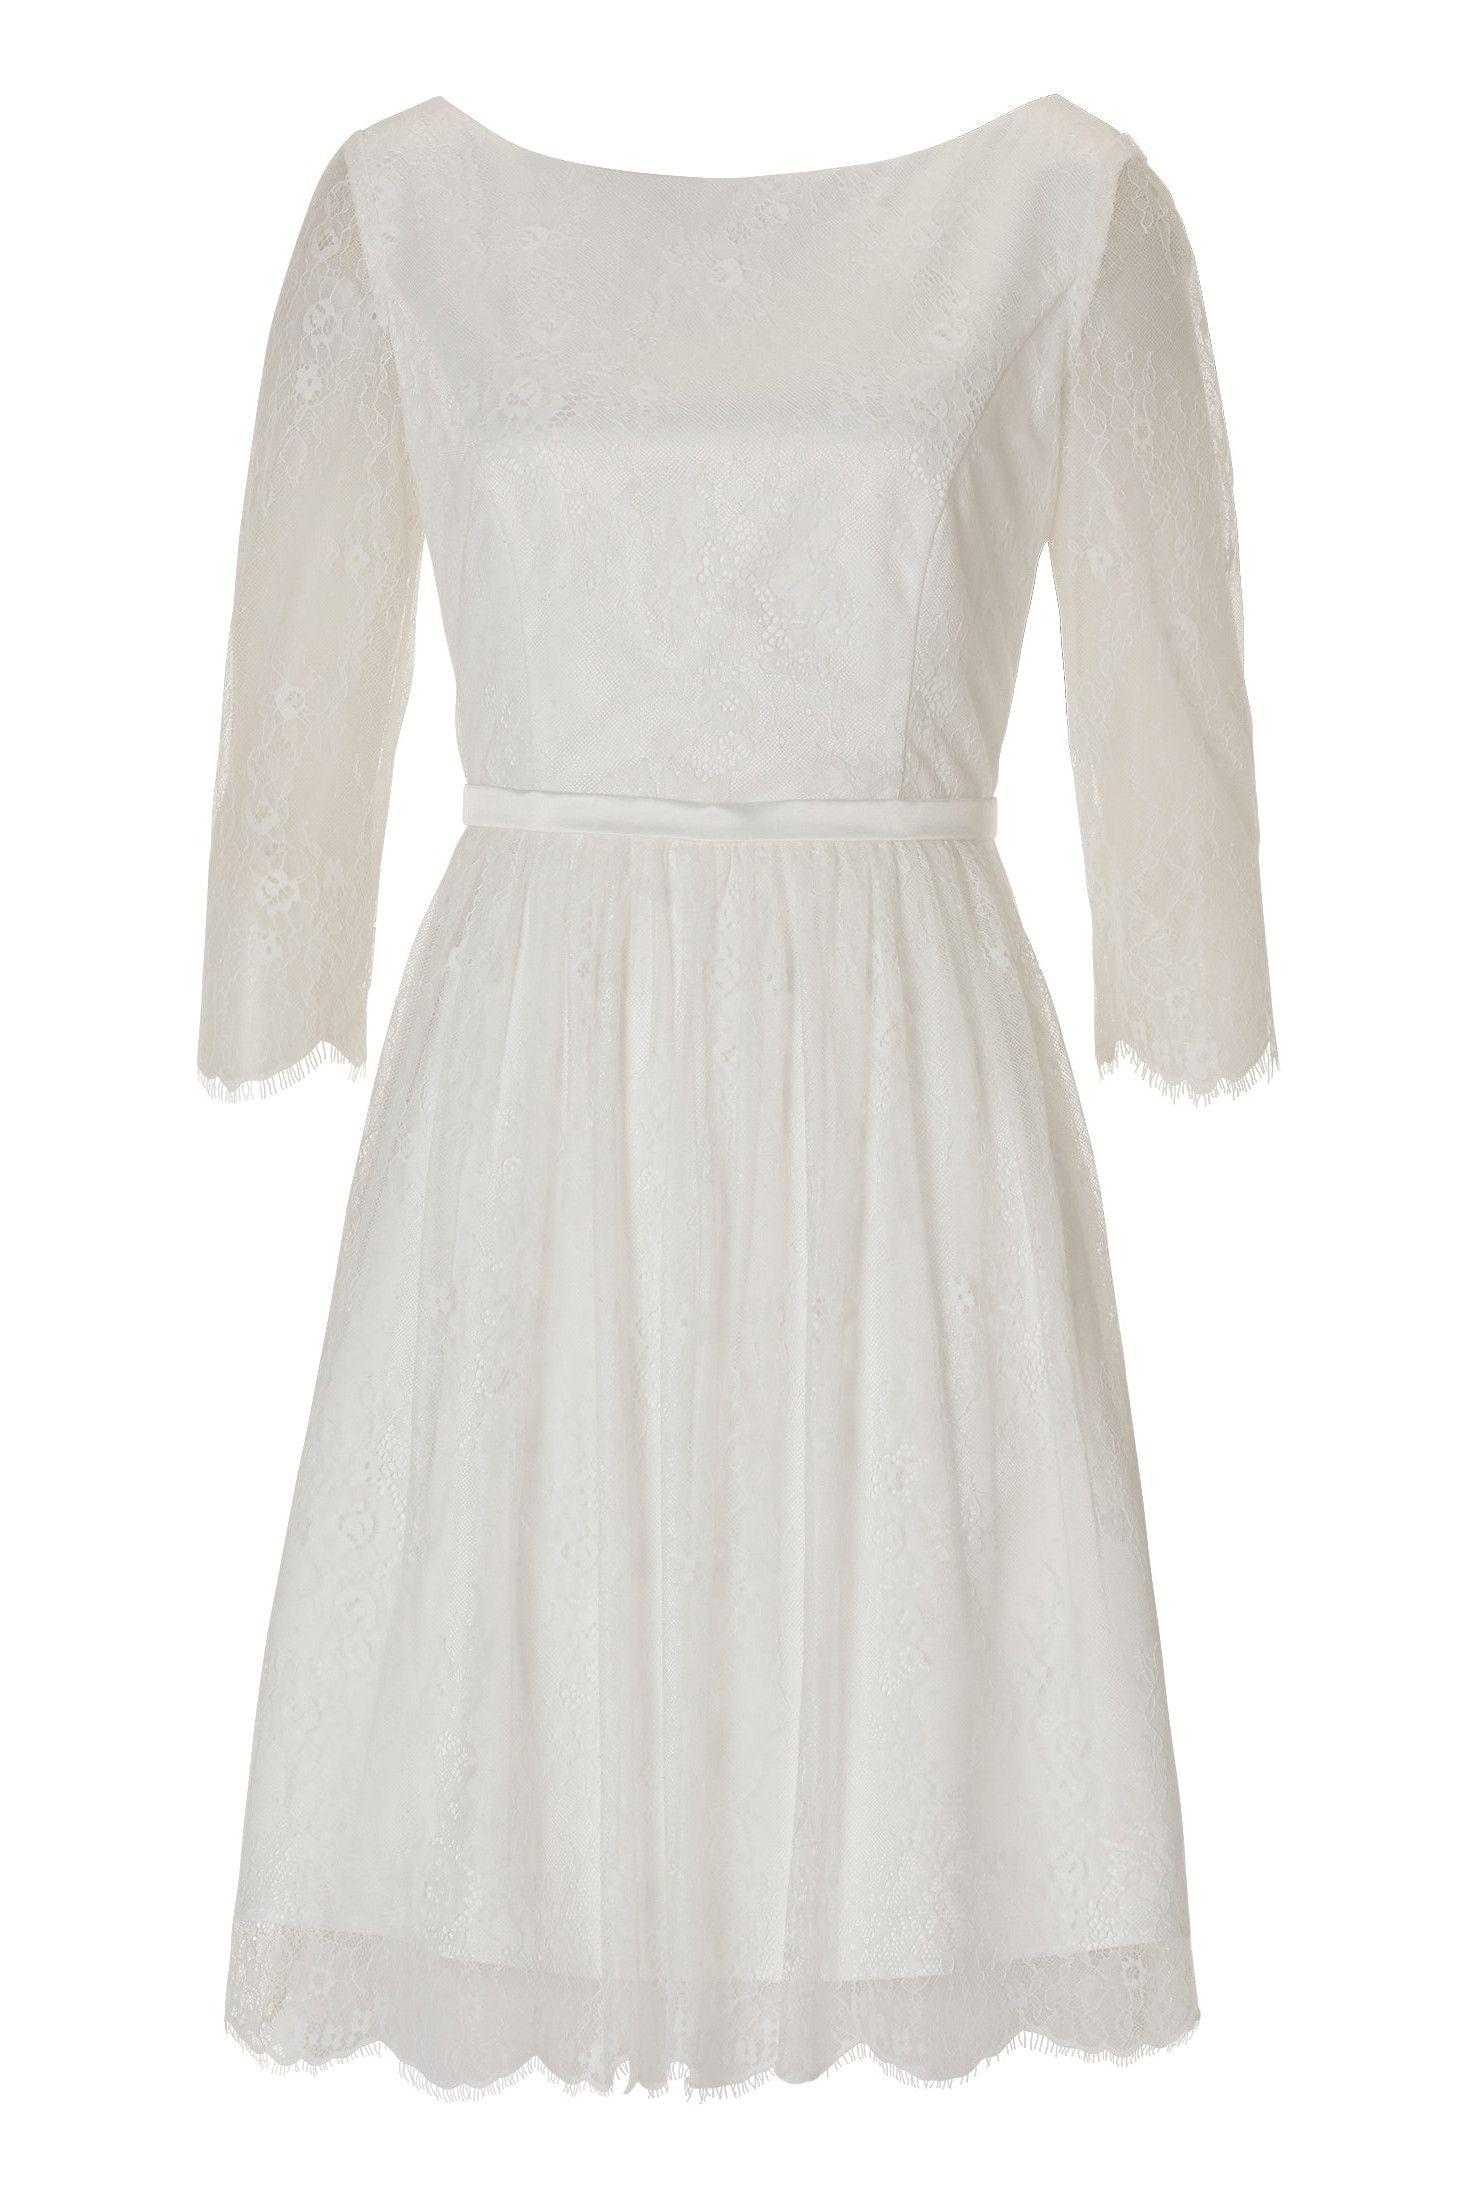 Kurzes Standesamtkleid mit langen Ärmeln von Vera Mont.  Kleid